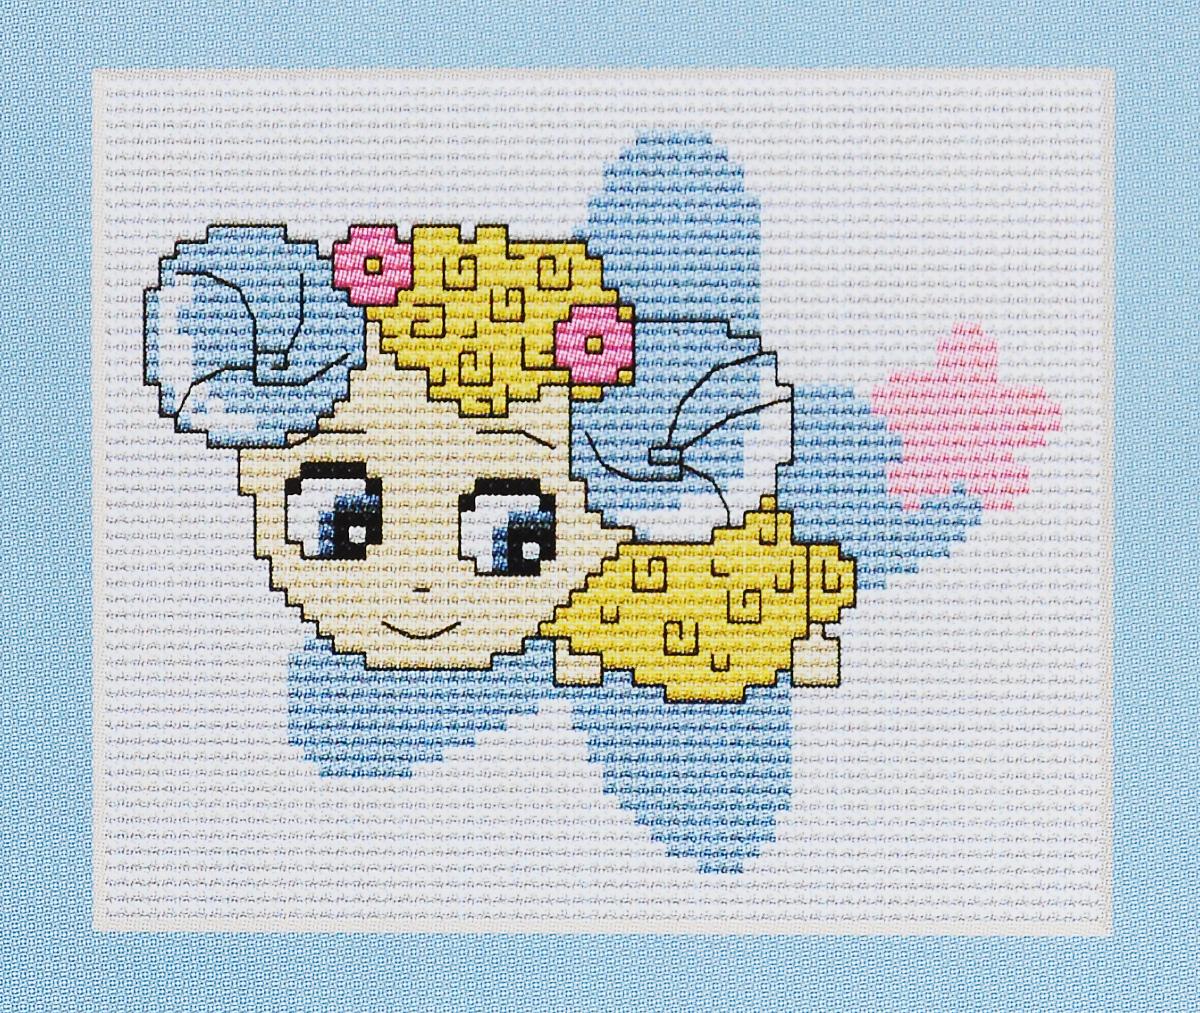 Набор для вышивания крестом Luca-S Овен, 11,5 х 9,5 смB050Набор Luca-S Овен - это мини-набор для вышивания забавной картинки. Отличный вариант для начинающих рукодельниц. Вышивка выполняется в технике счетный крест. Вышивание с небольшими наборами позволит вам освоить азы вышивки крестом и впоследствии приступить к выполнению более сложных работ. В набор входит: - Aida 14 Zweigart (белого цвета), - мулине Anchor (8 цветов), - цветная символьная схема с инструкцией в картинках, - игла.